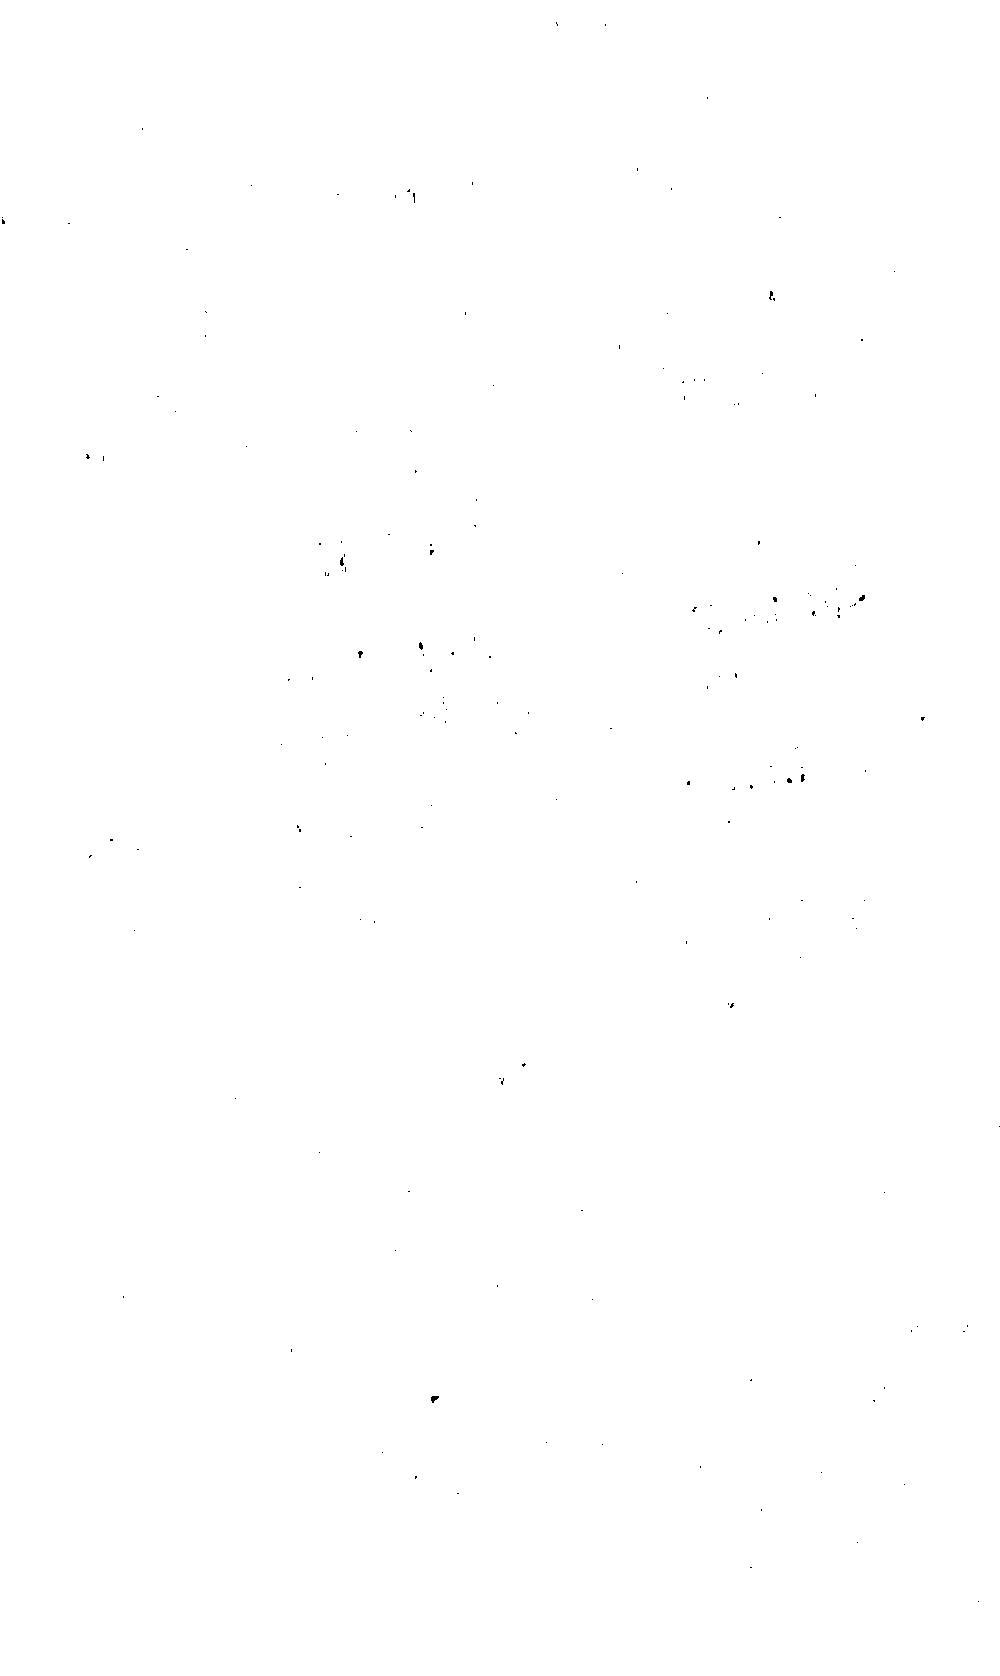 bsb00012066_00005.jpg